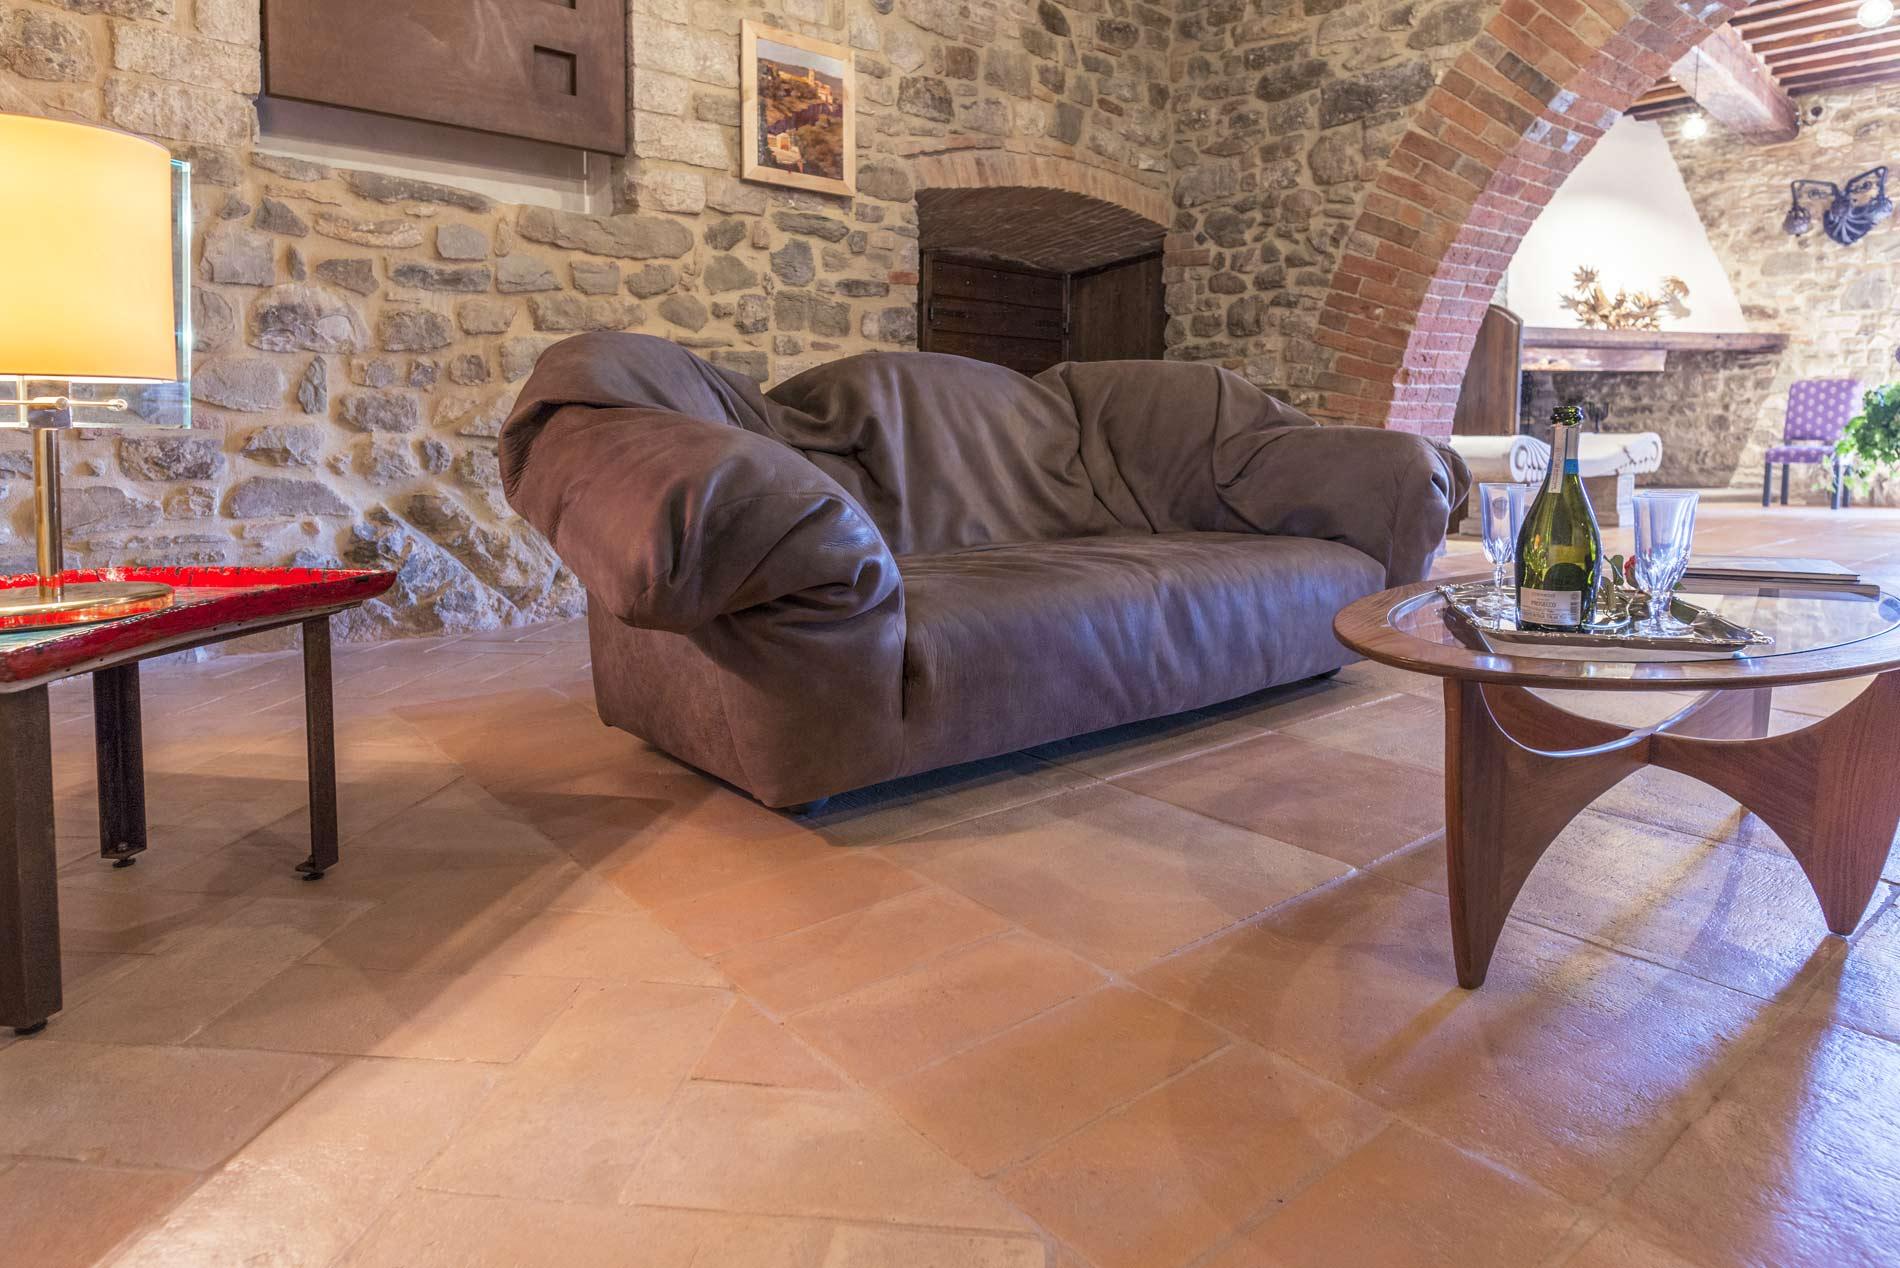 Pavimenti Rustici Interni : Pavimenti in cotto per interni: il mattone per interni in cotto